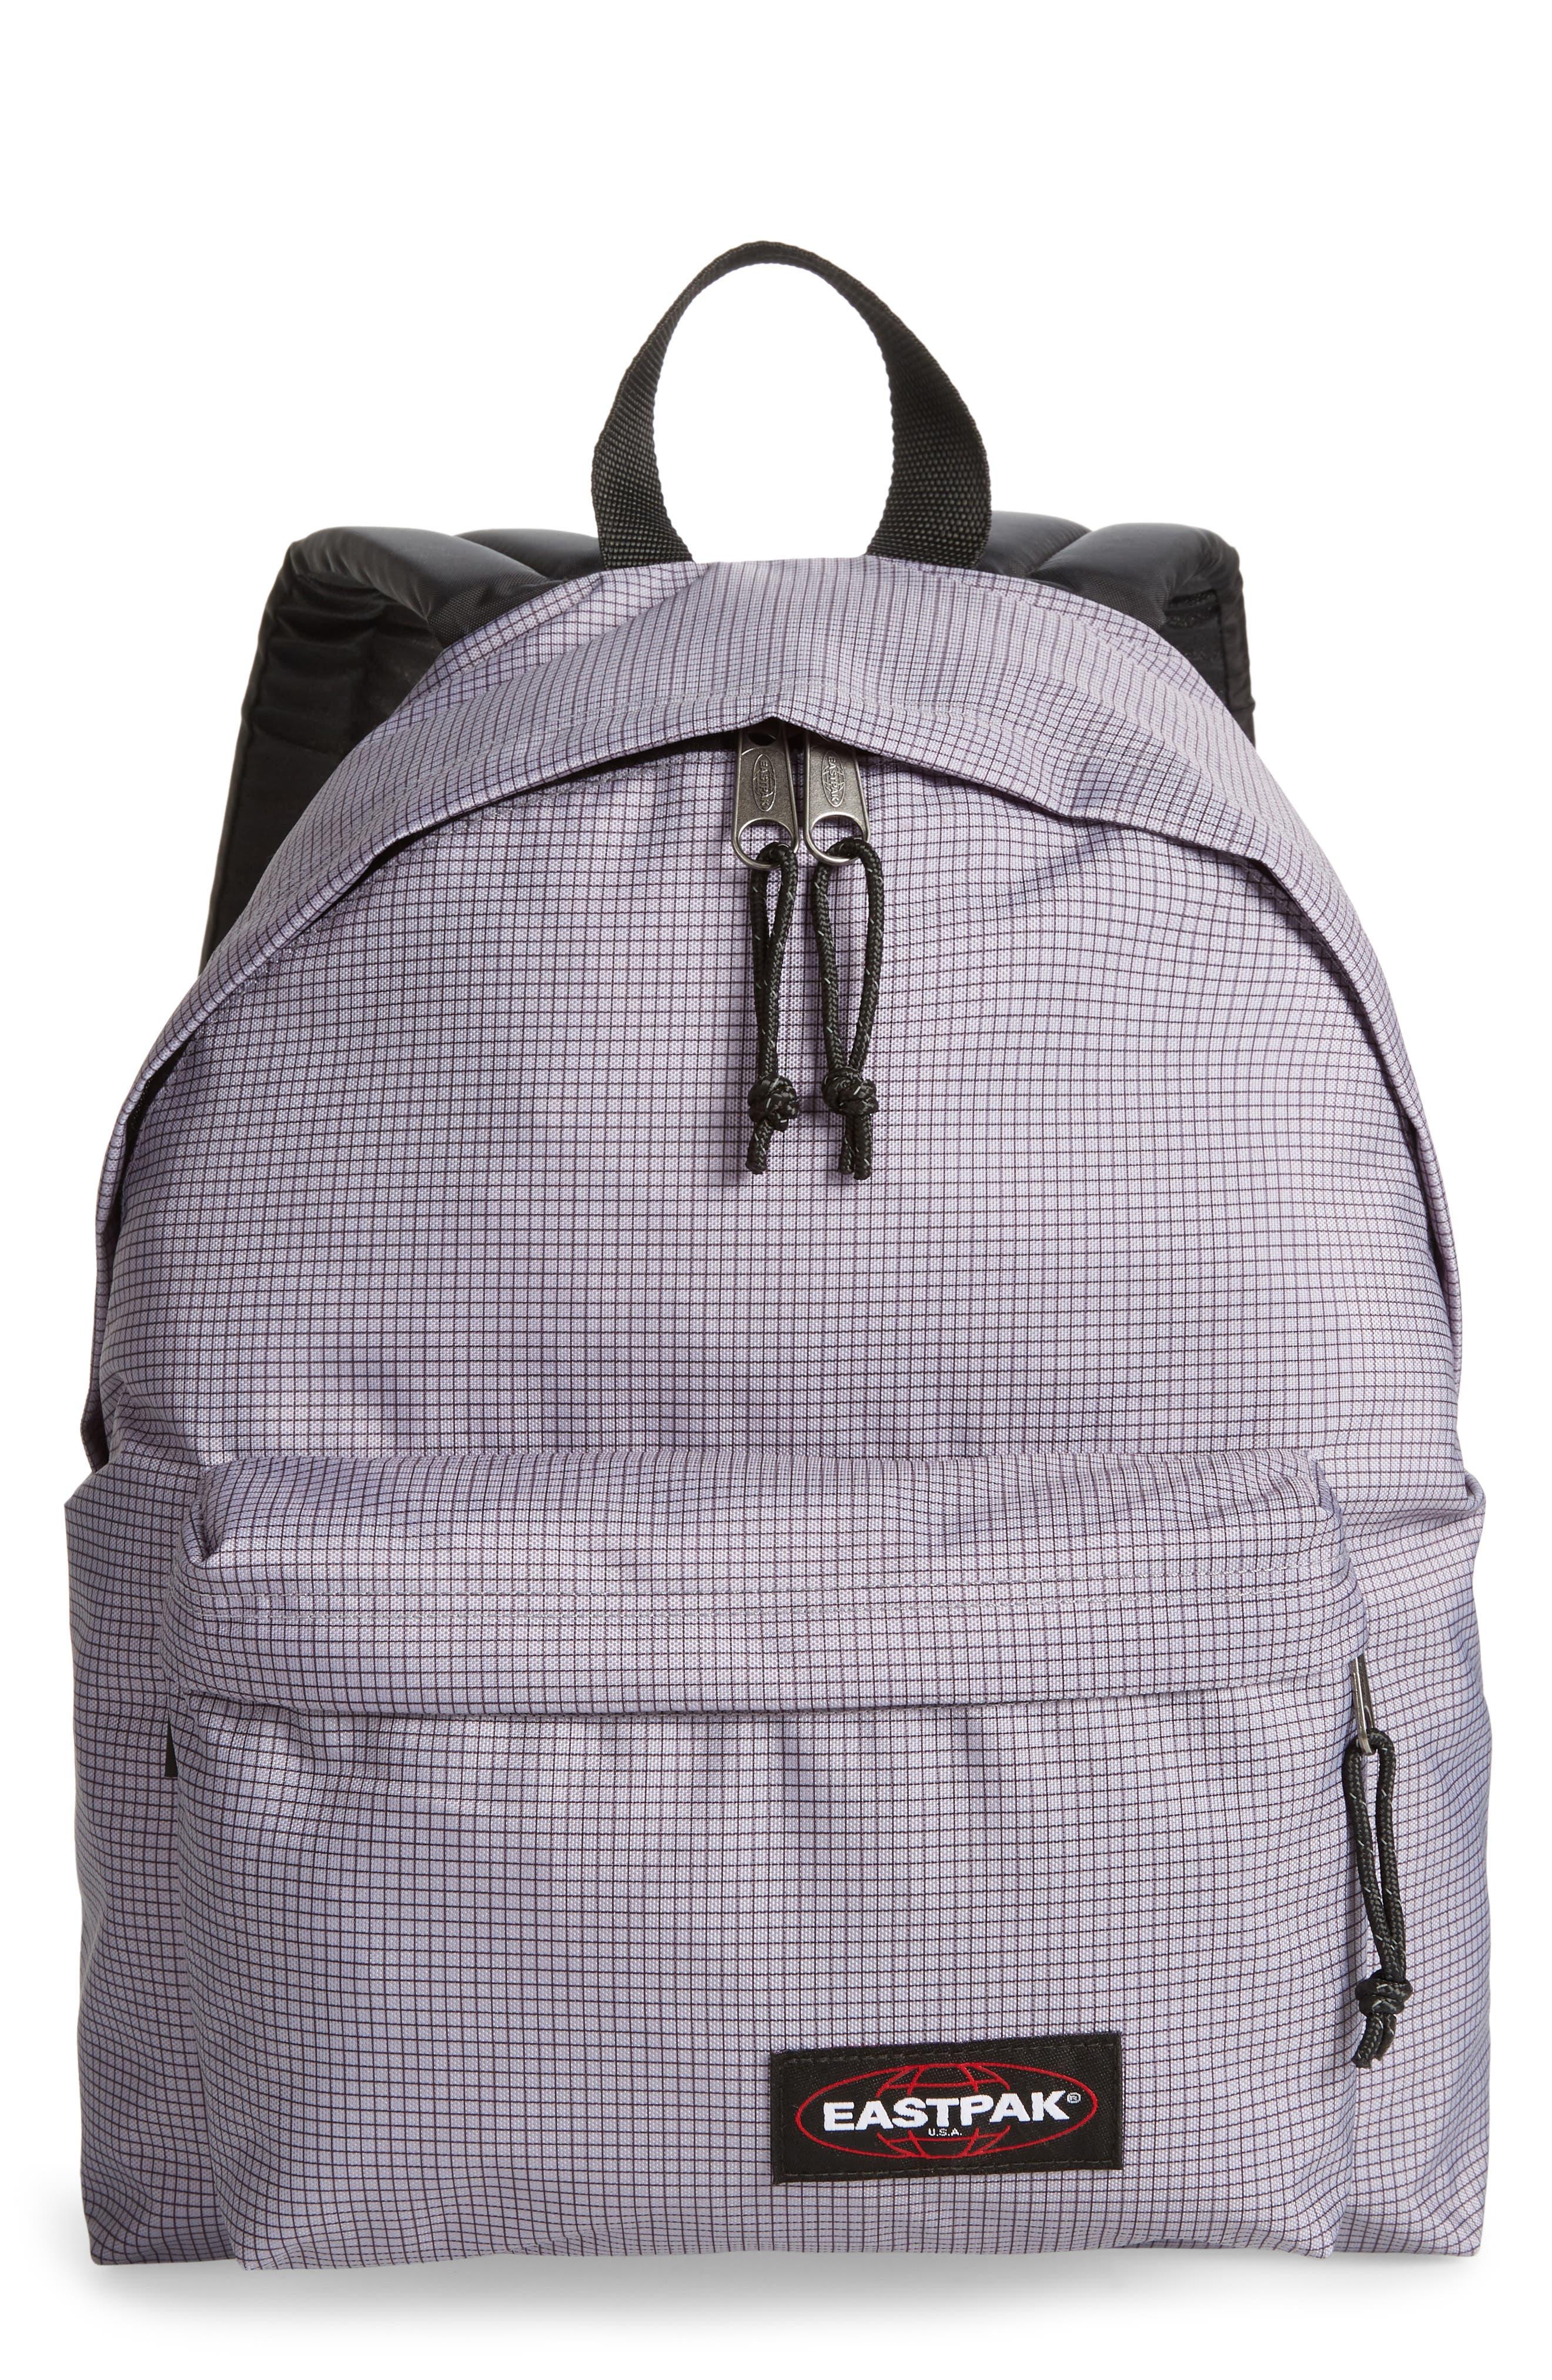 Women s Eastpak Backpacks